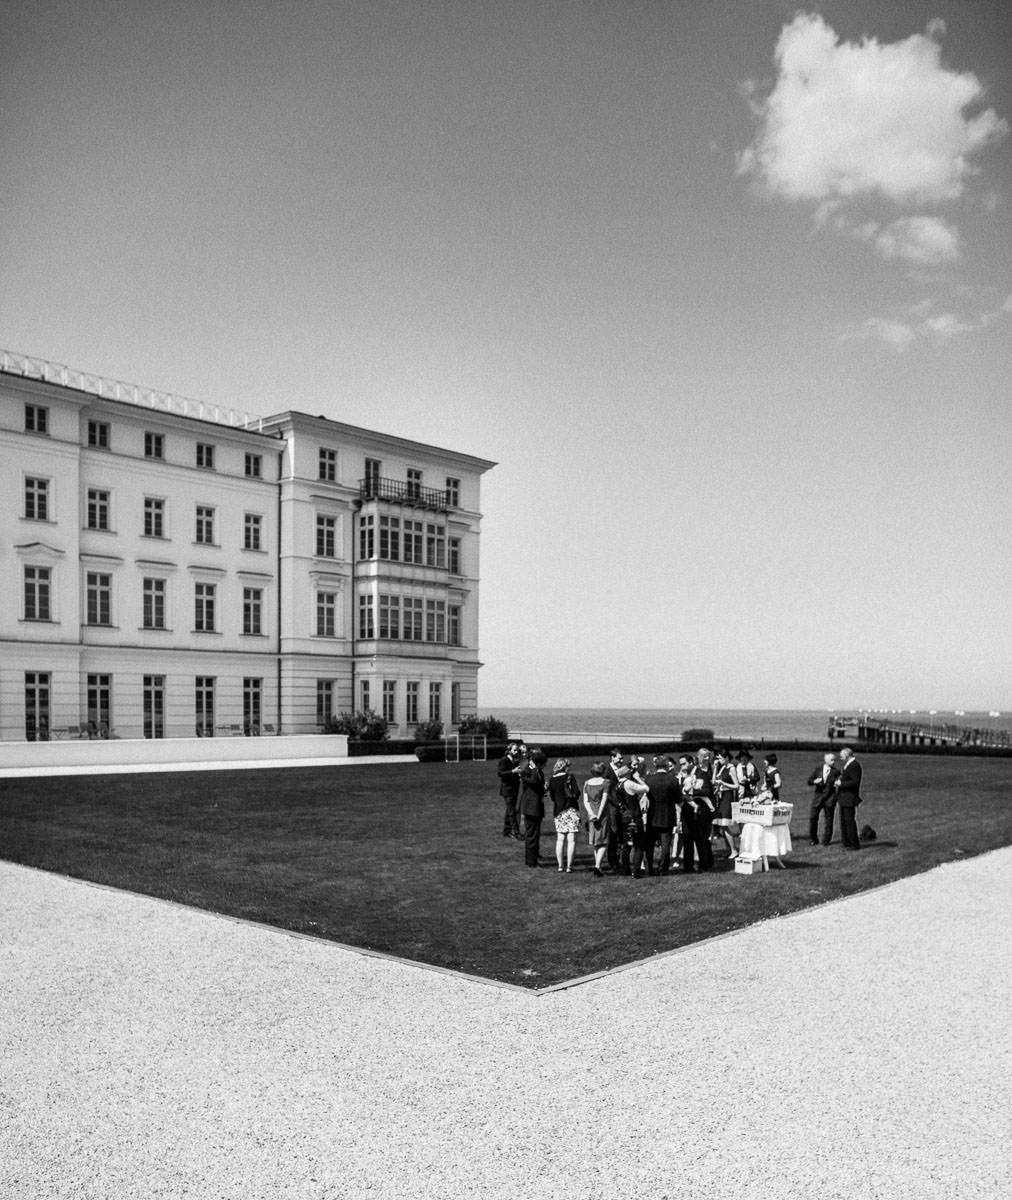 Hochzeitsfotograf aus Rostock im Grand Hotel Heiligendamm Mecklenburg Vorpommern